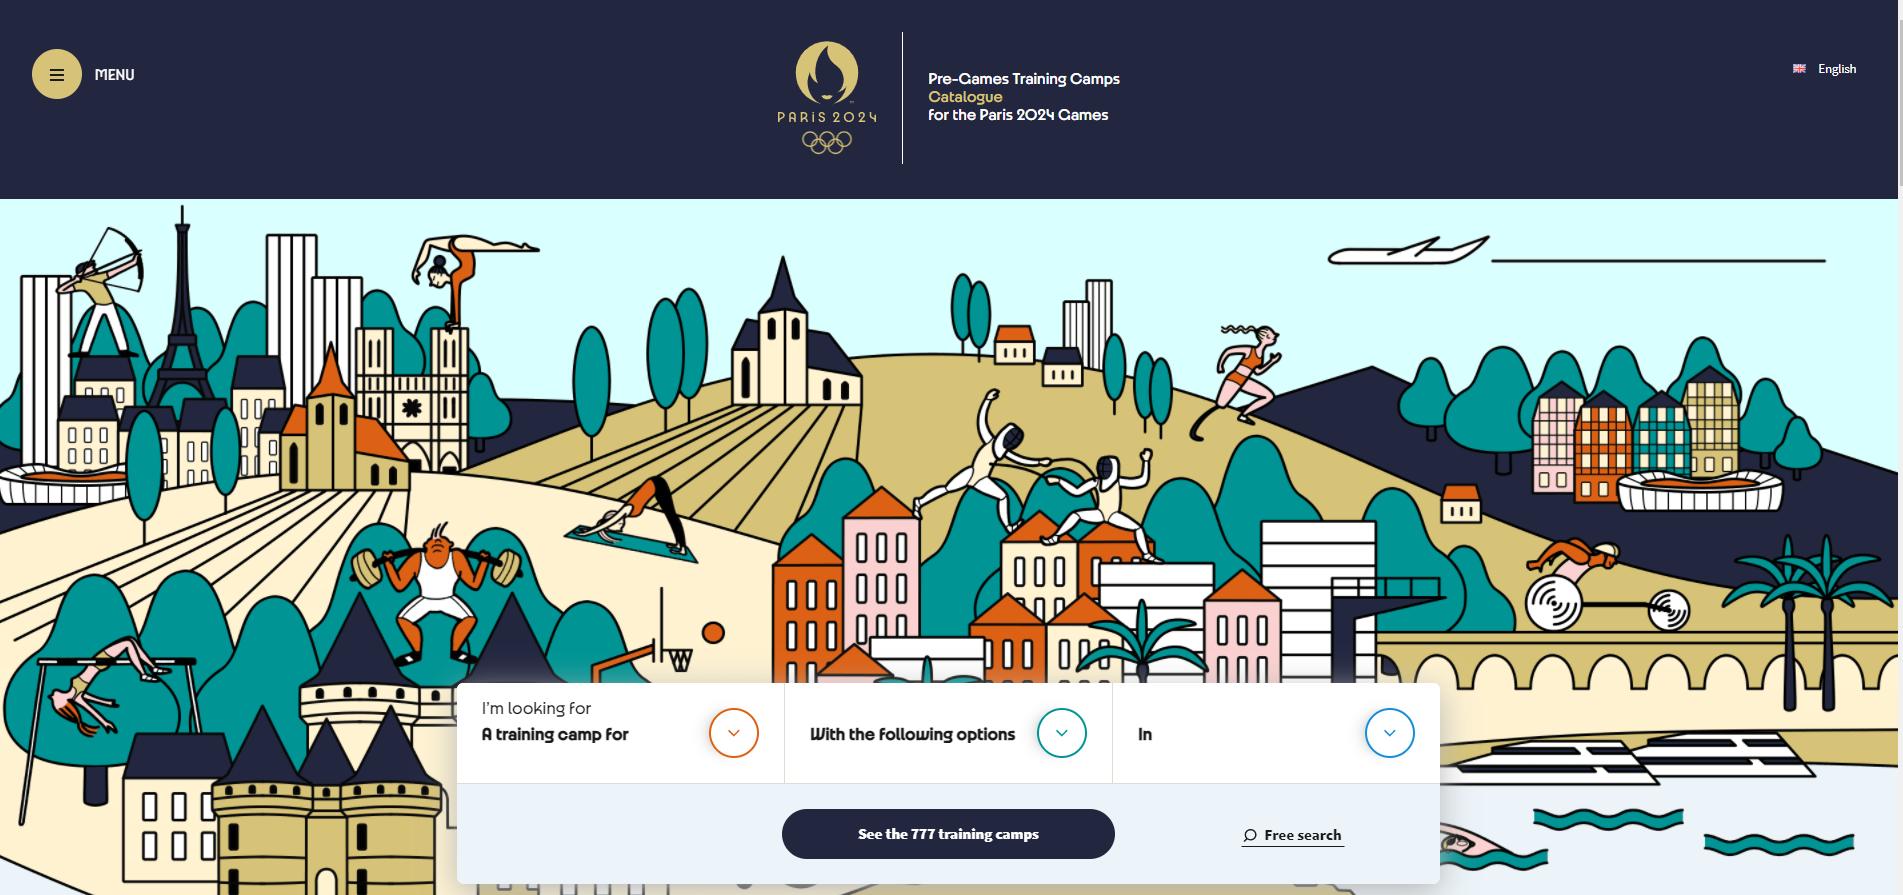 Paris 2024 unveils website listing potential training camp venues